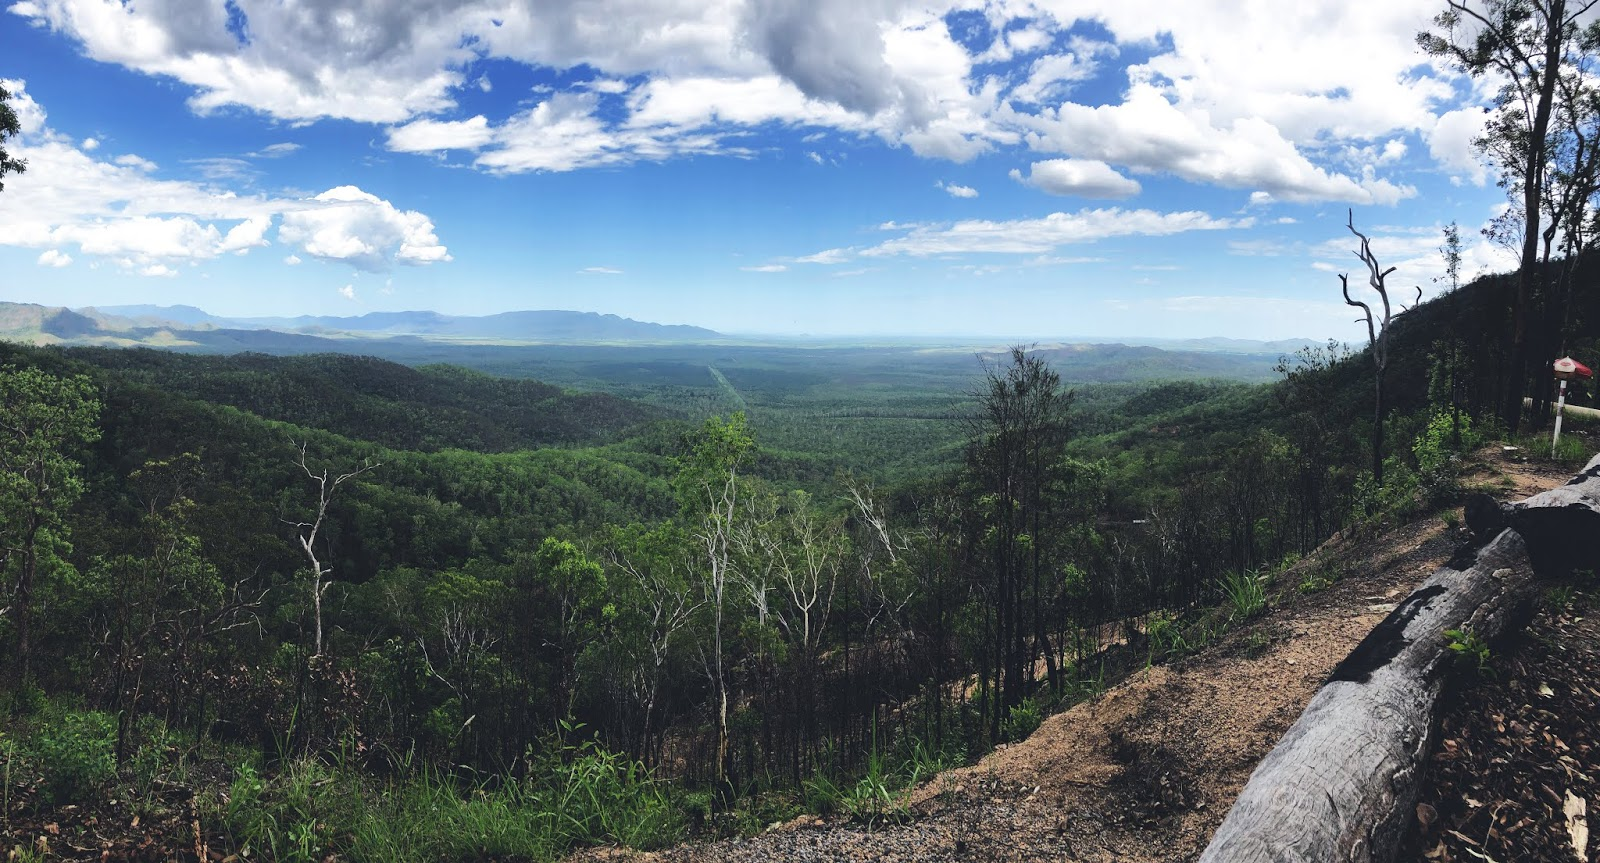 Punkt widokowy w australijskim parku narodowym Girringun na wgórza pokryte lasem deszczowym.